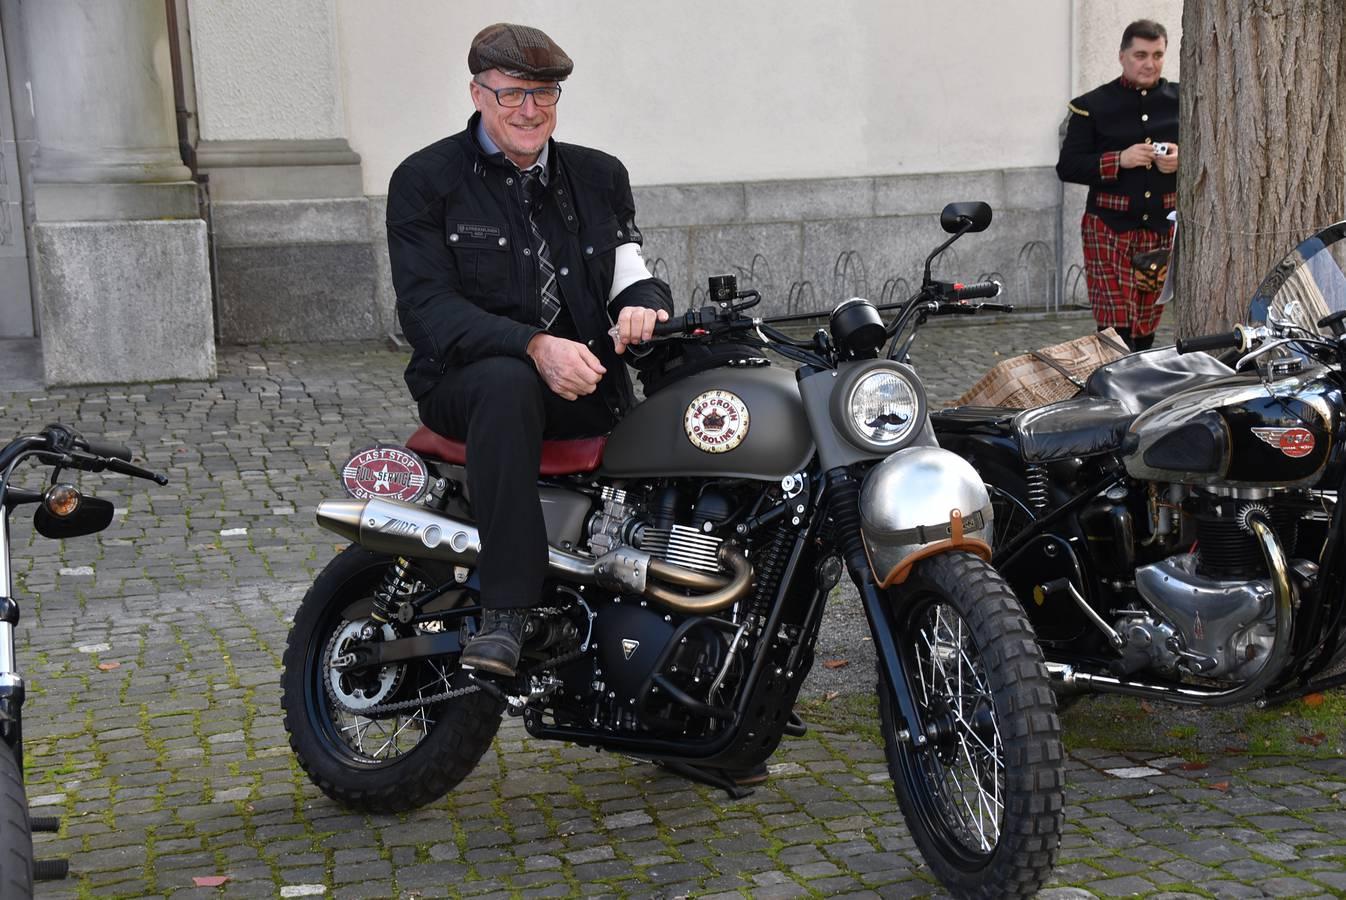 Der Gentleman's Ride findet weltweit am 29. September statt. Bernhard Städler organisiert den Ride im FM1-Land. (© Städler Motos AG)